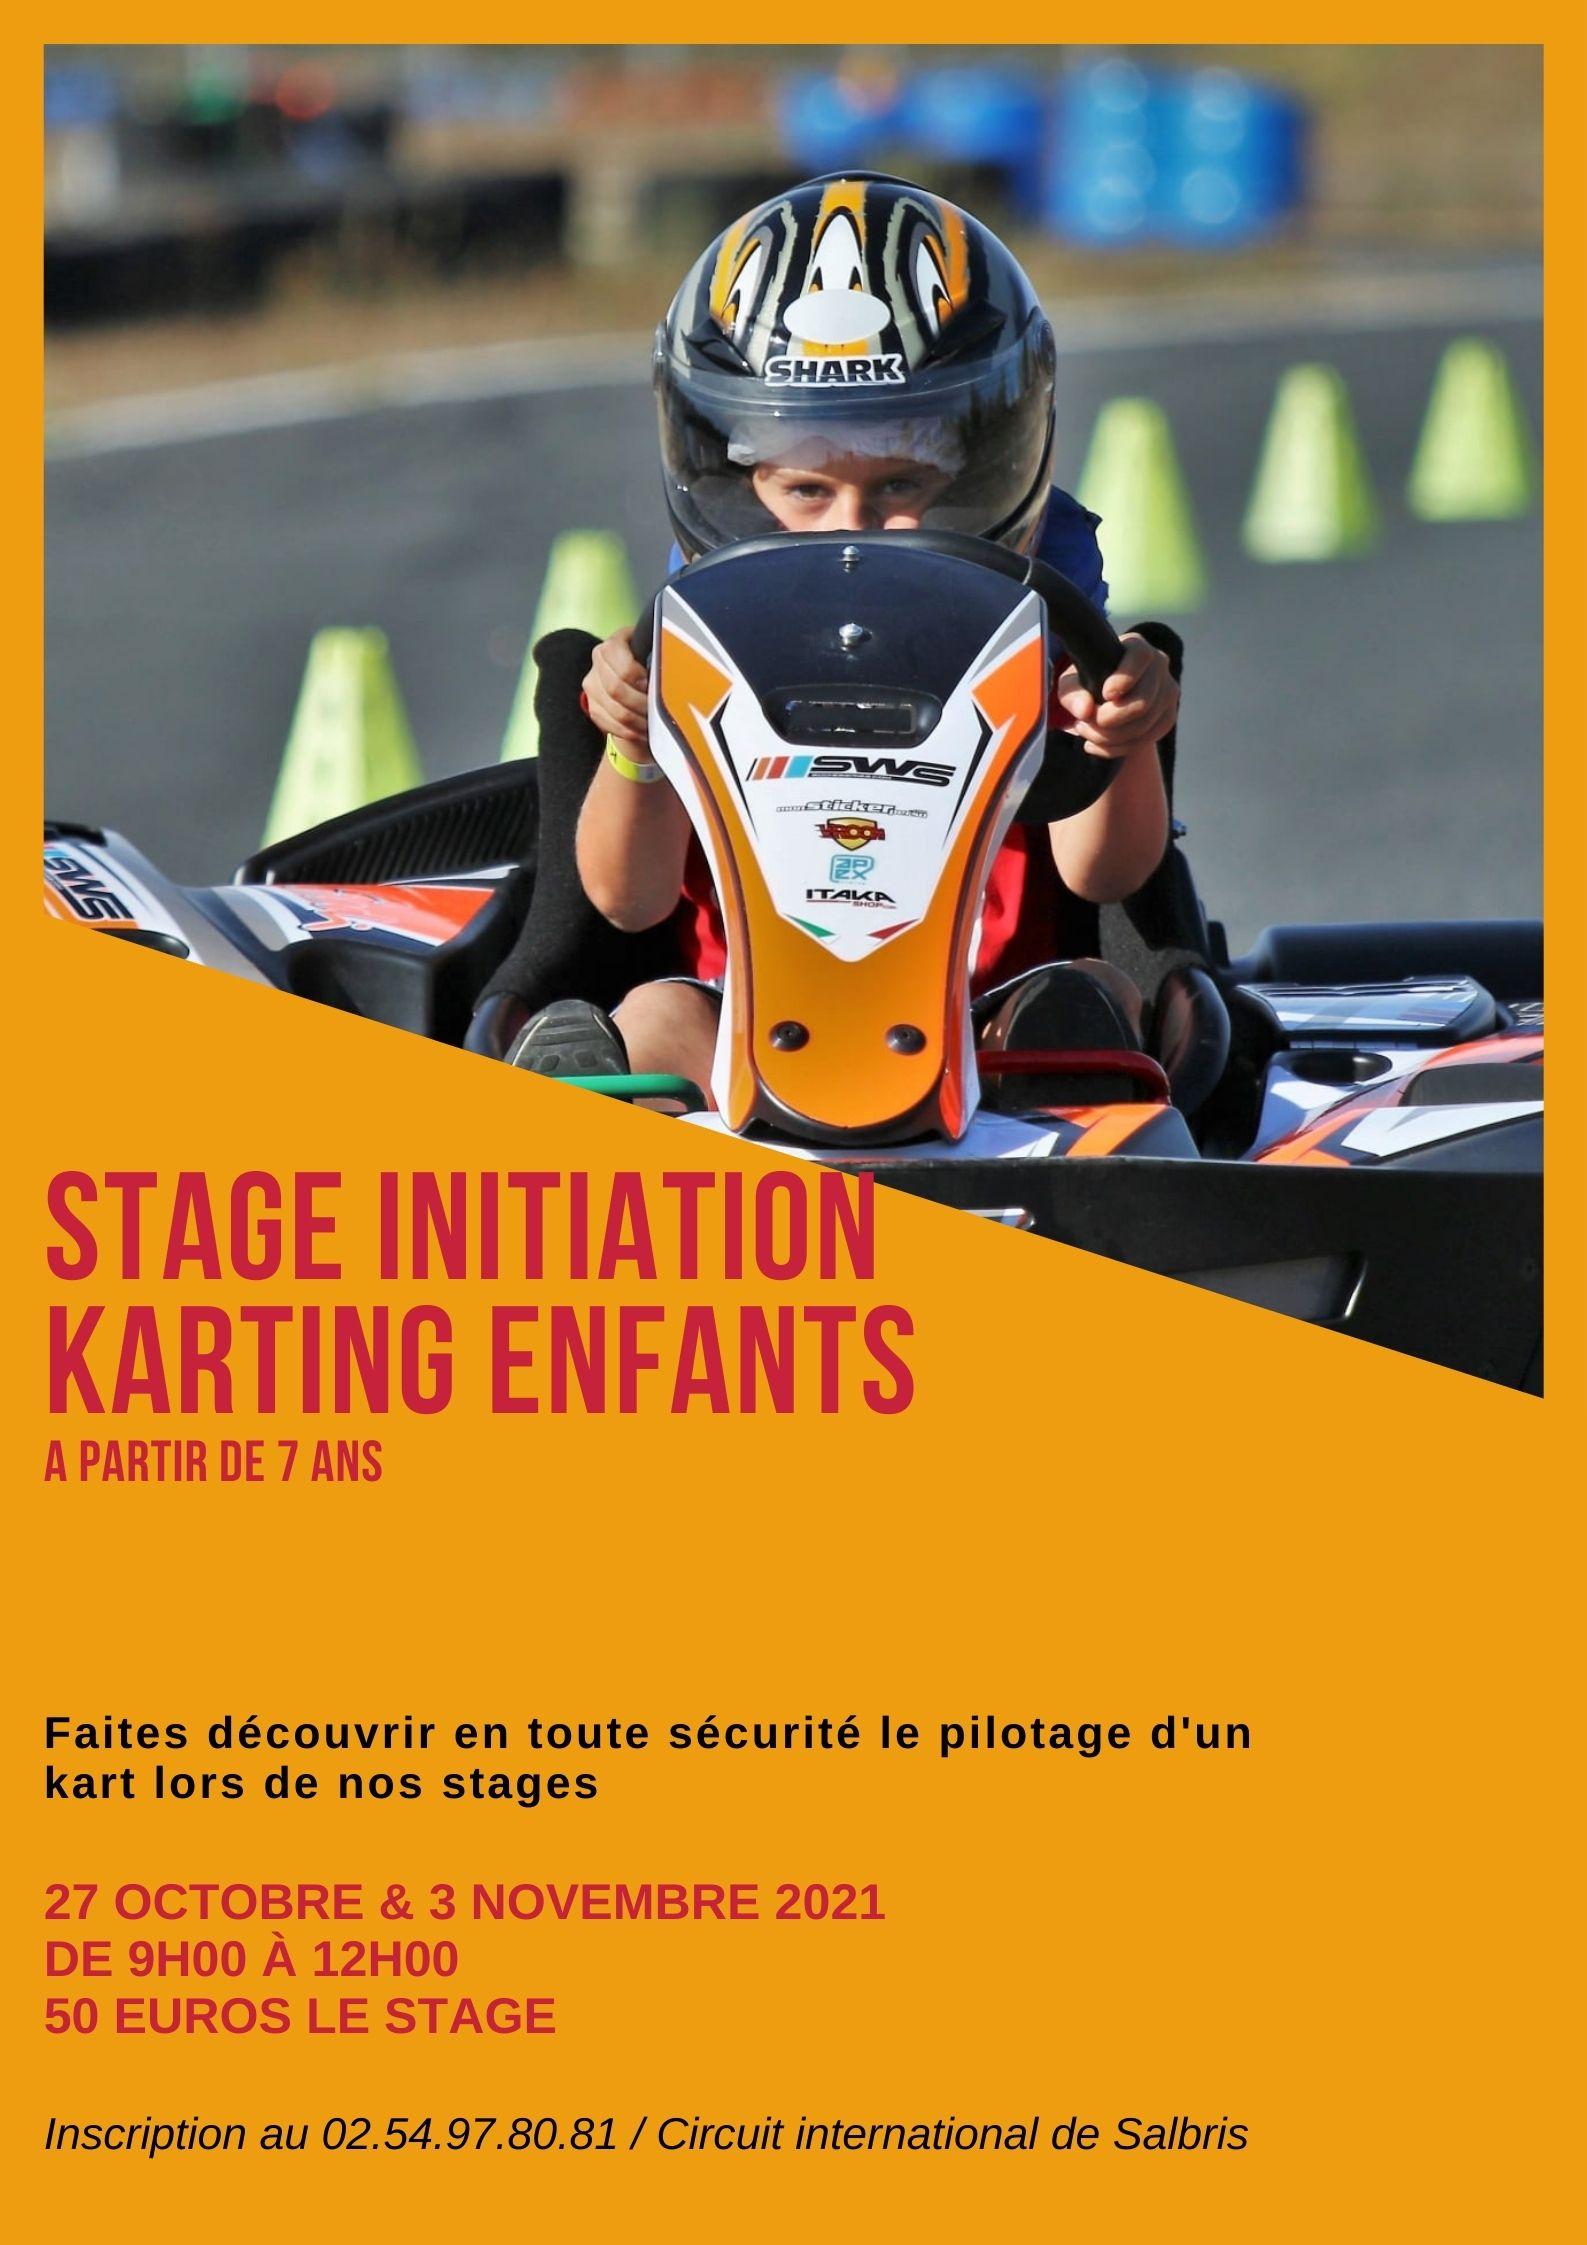 Stage initiation à partir de 7 ans